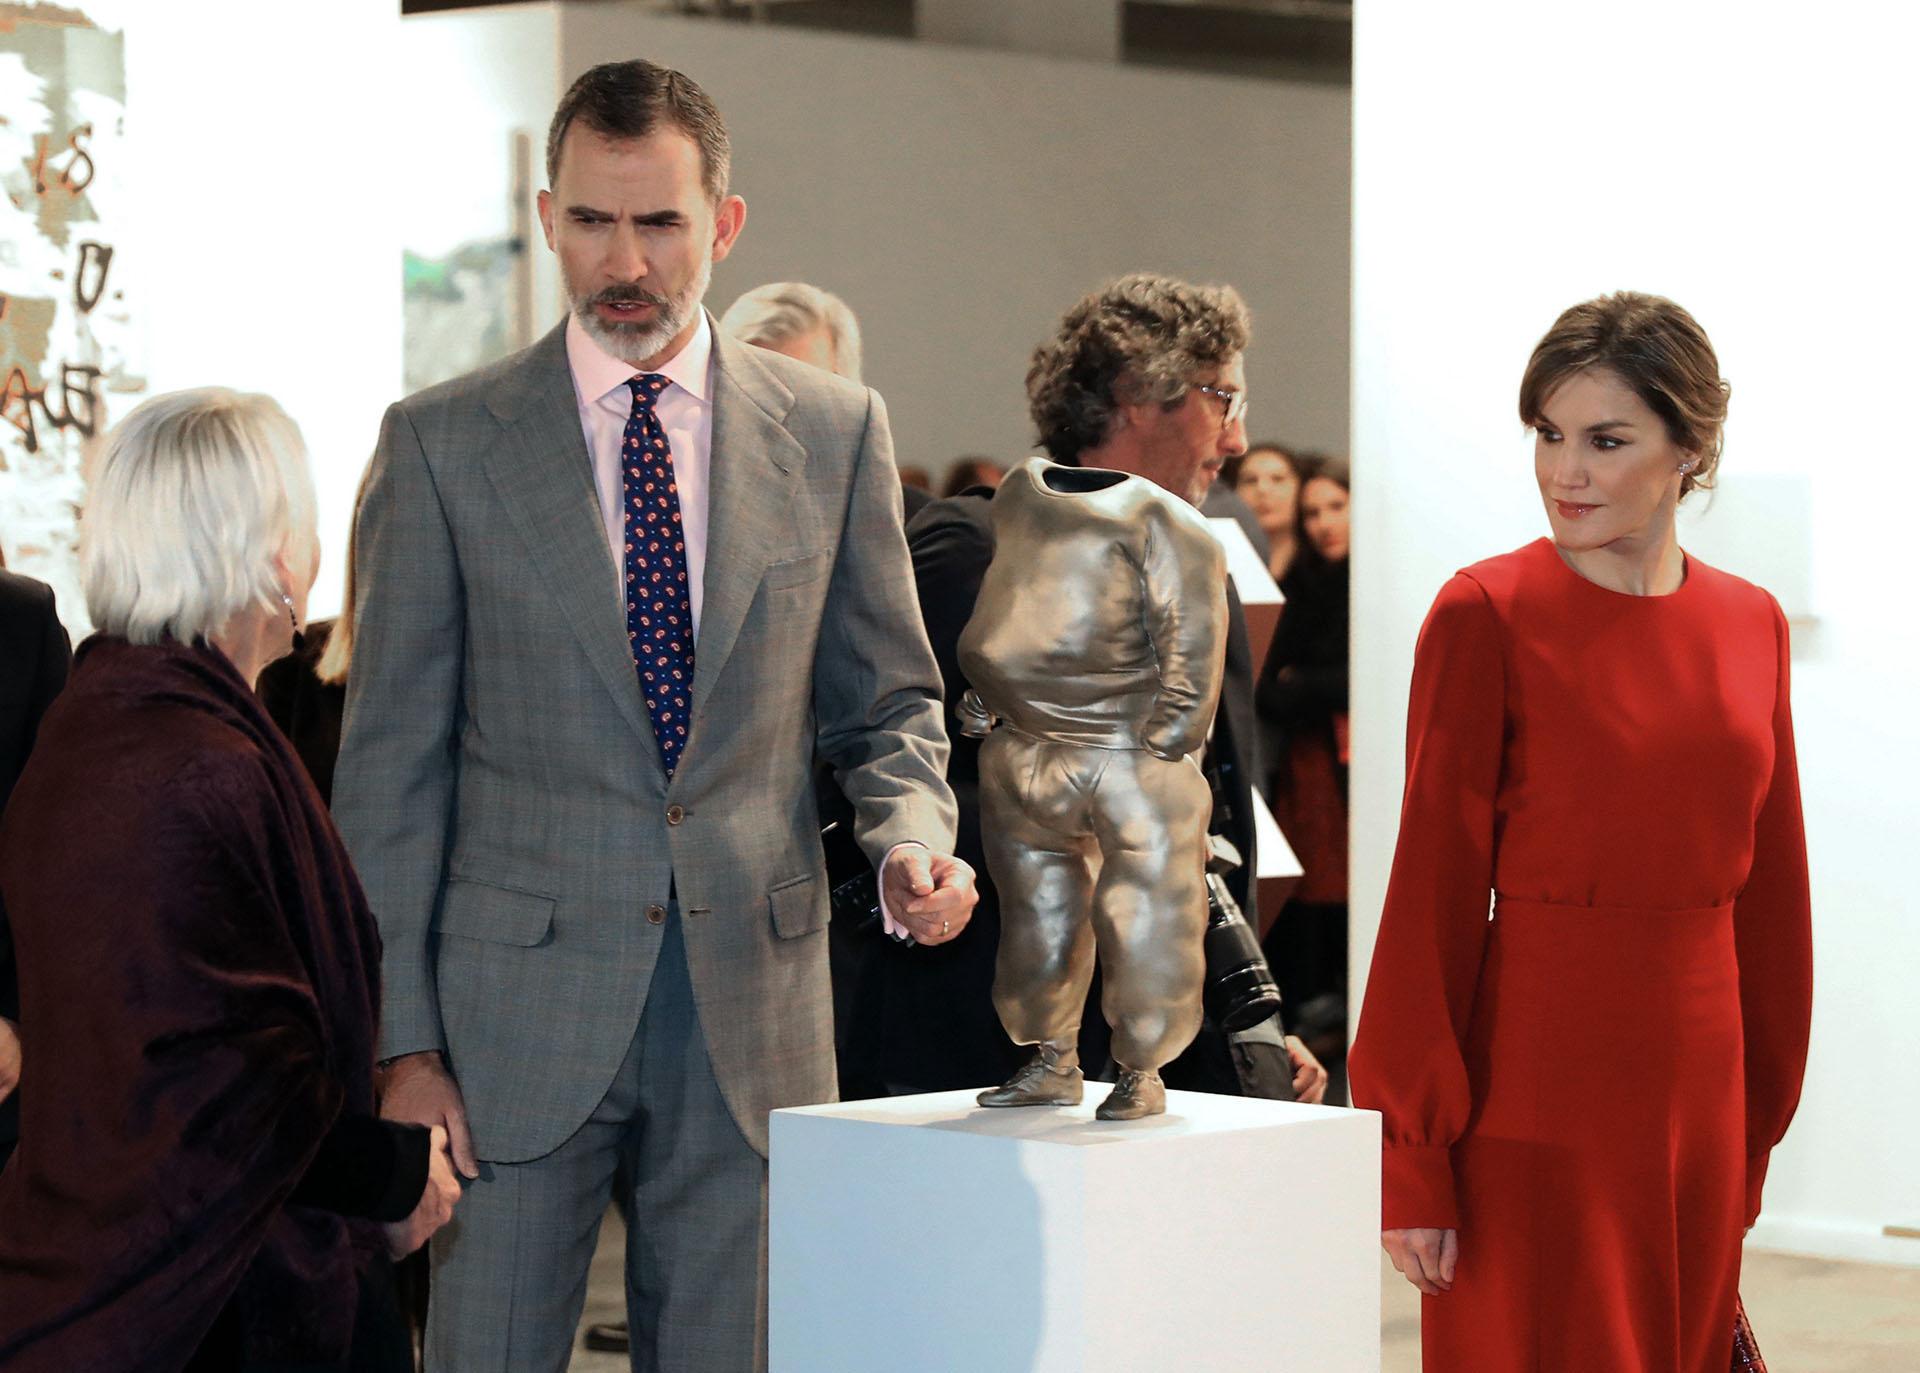 Los reyes Felipe y Sofía a la apertura oficial de una nueva edición de la Feria Internacional de Arte Contemporáneo ARCO 2018, en la que exhiben sus obras 208 galerías de 29 países